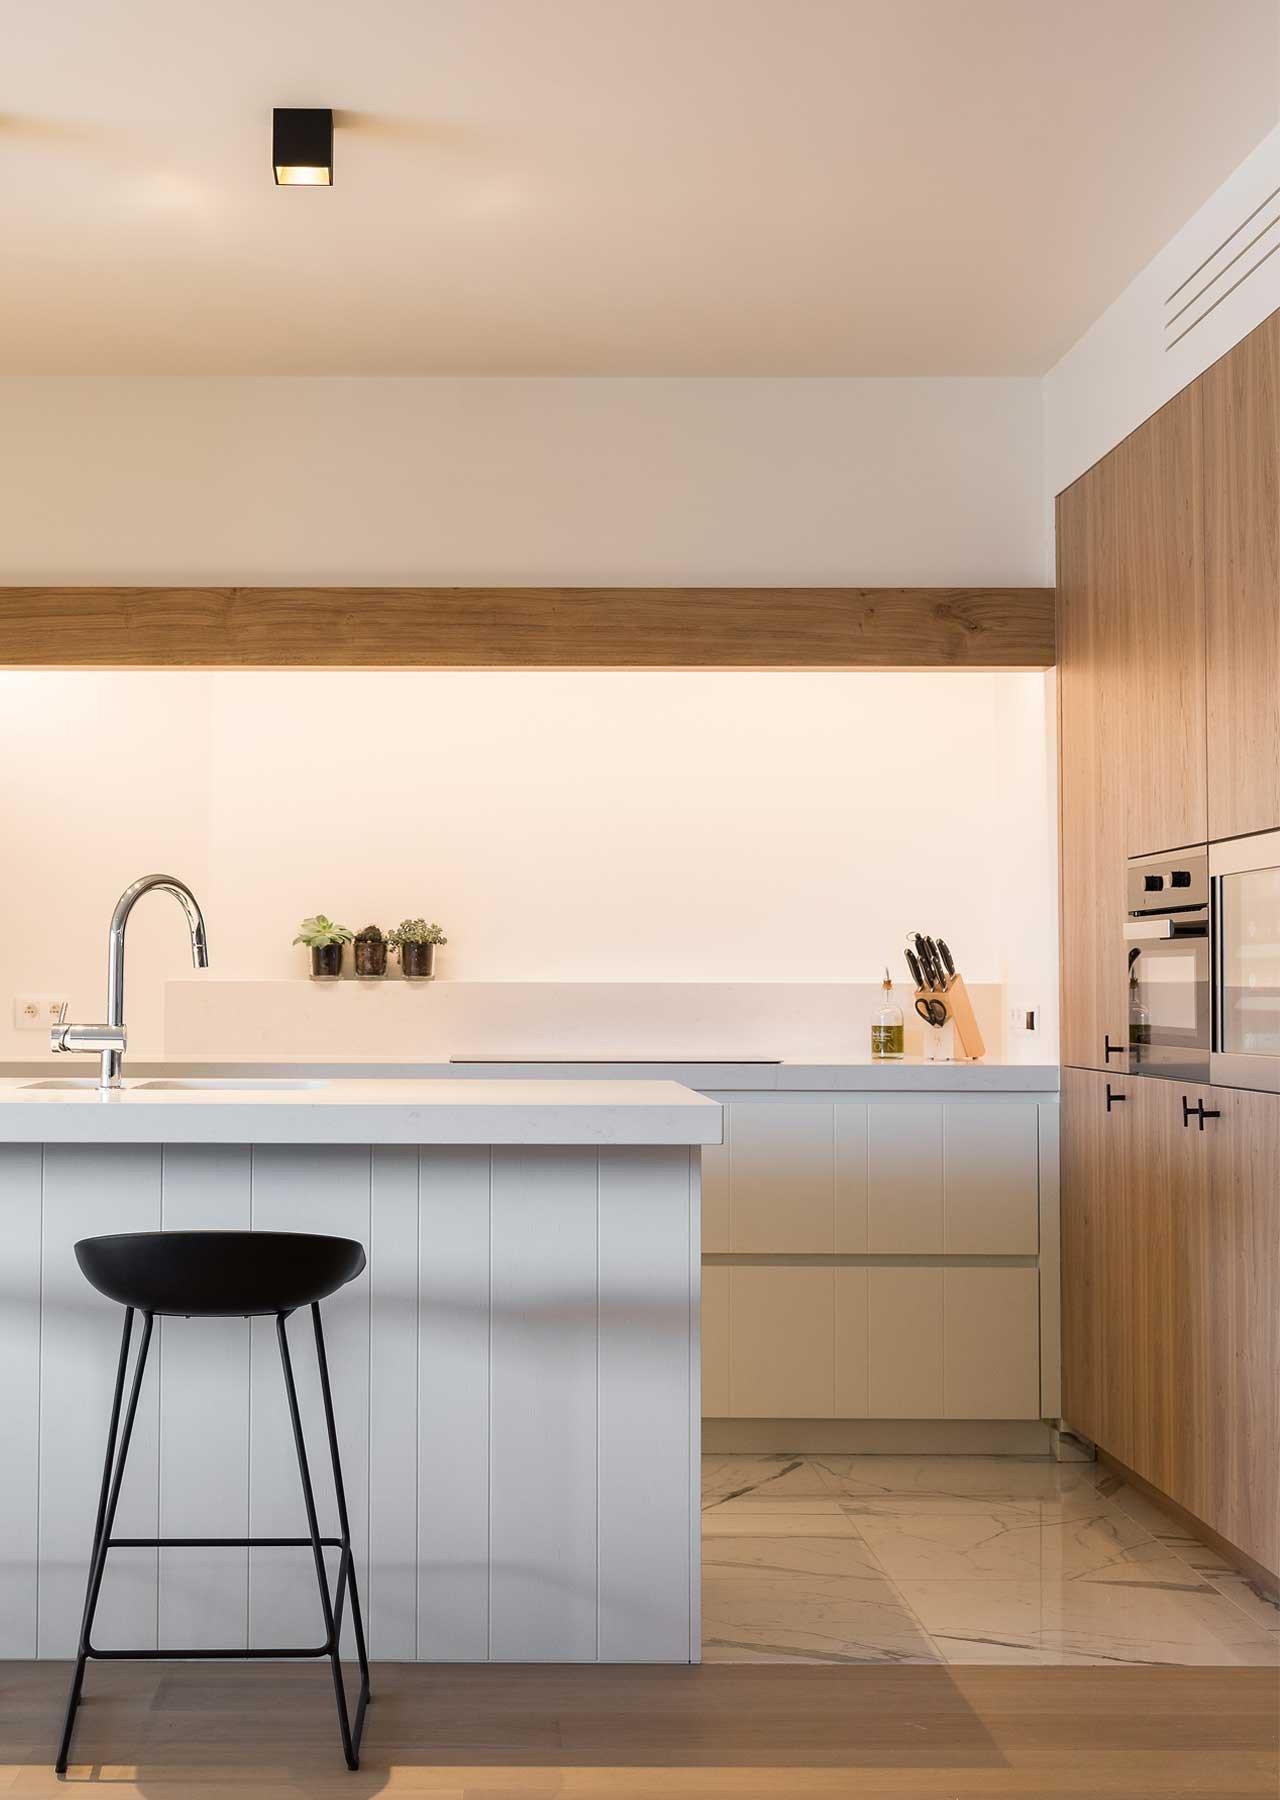 Totaalinrichting-appartement-Kortrijk-3.jpg